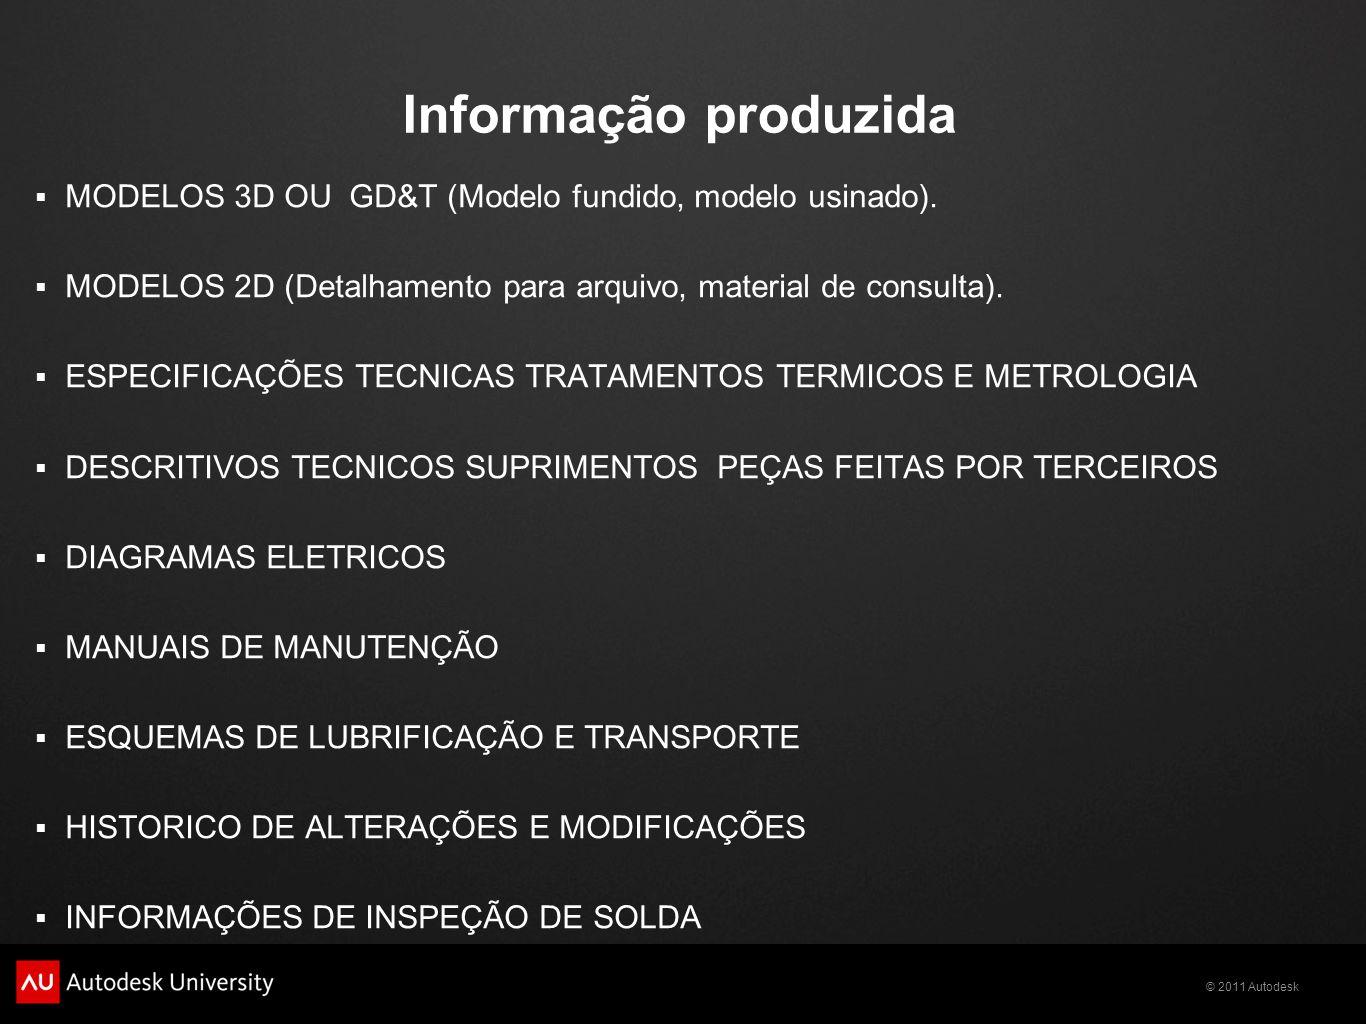 Informação produzidaMODELOS 3D OU GD&T (Modelo fundido, modelo usinado). MODELOS 2D (Detalhamento para arquivo, material de consulta).